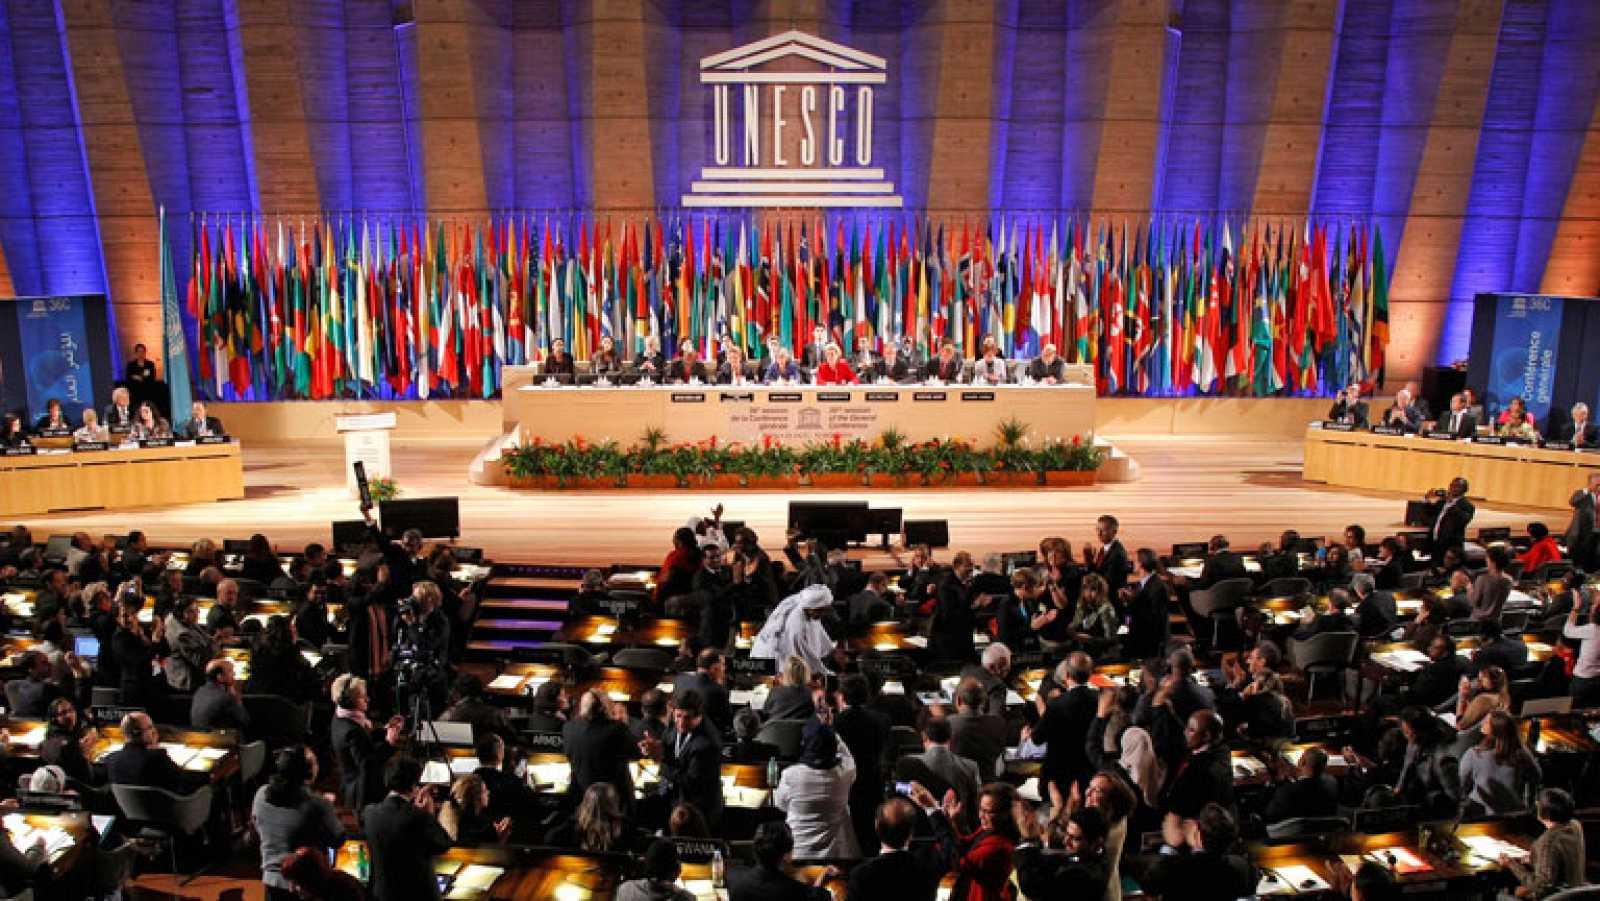 EE.UU. retira su contribución a la Unesco tras la entrada de Palestina